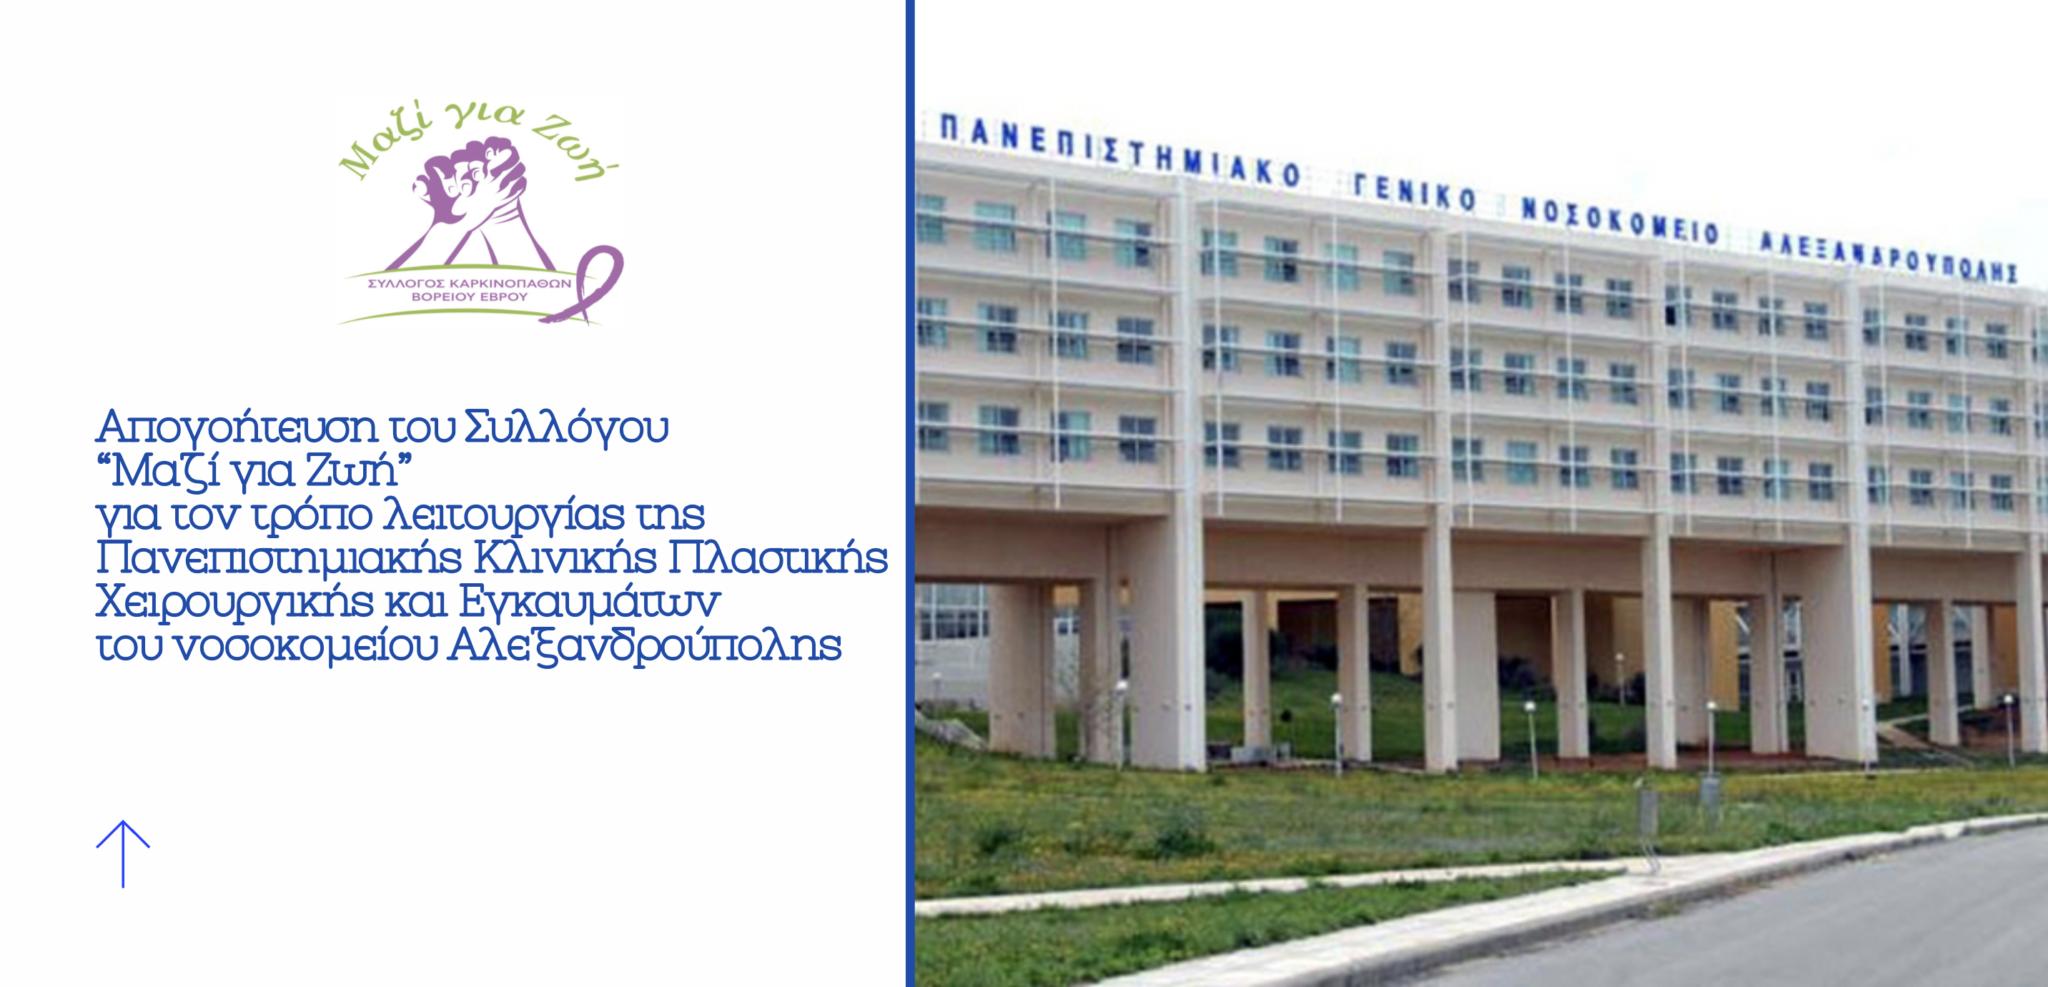 """Απογοήτευση του Συλλόγου """"Μαζί για Ζωή"""" για τον τρόπο λειτουργίας της Πανεπιστημιακής Κλινικής Πλαστικής Χειρουργικής και Εγκαυμάτων του νοσοκομείου Αλεξανδρούπολης"""